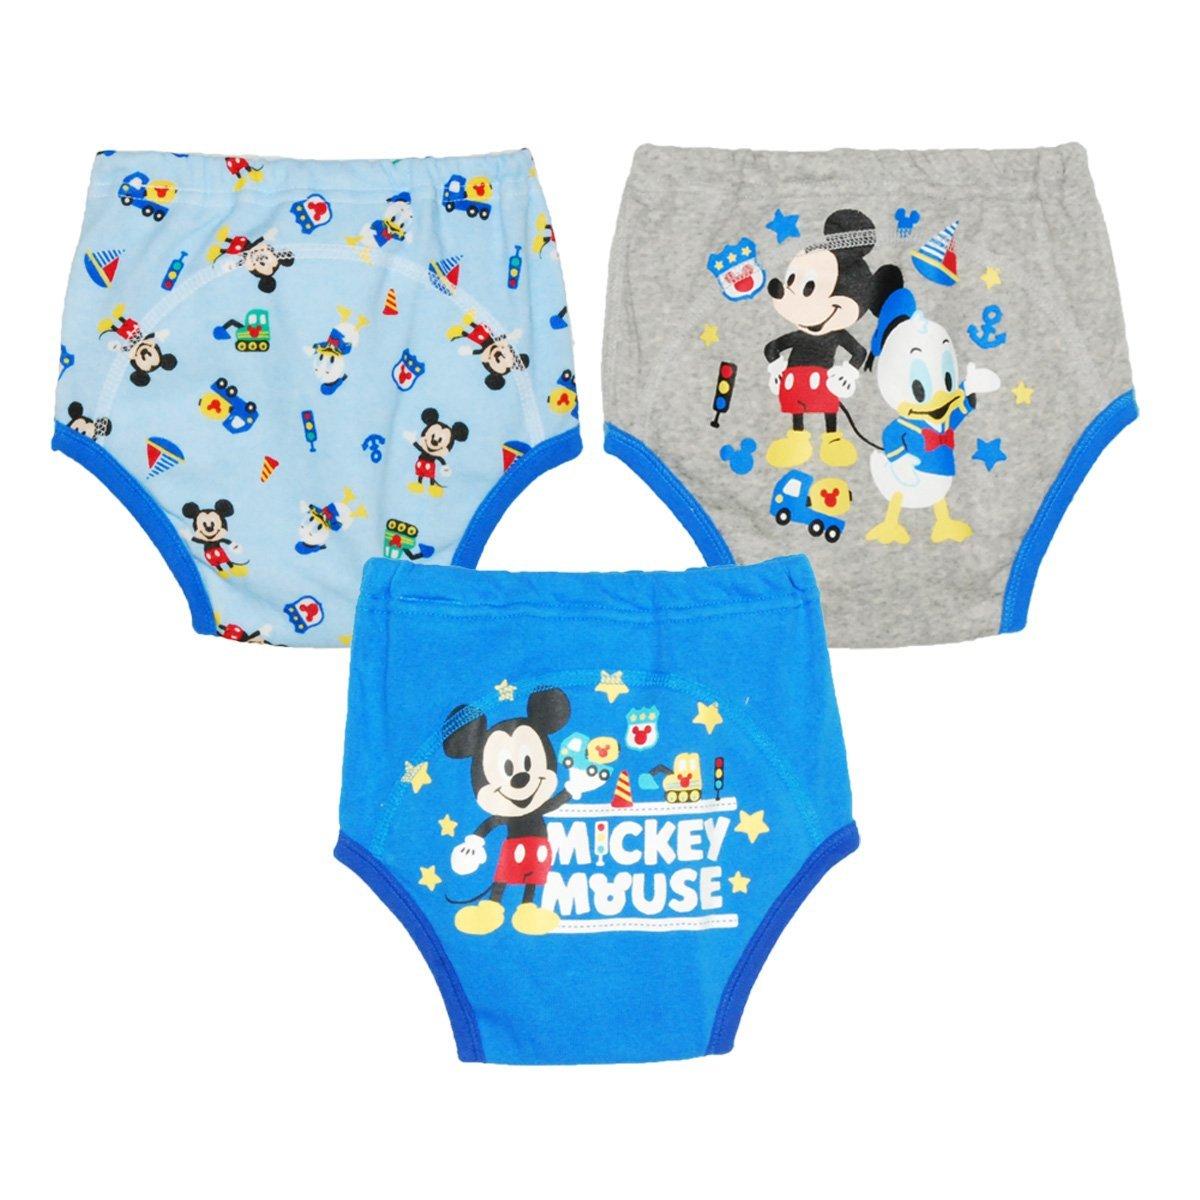 【日本進口】日本 迪士尼 Disney 米奇三層學習褲/尿布褲(3件組)(90-100cm)